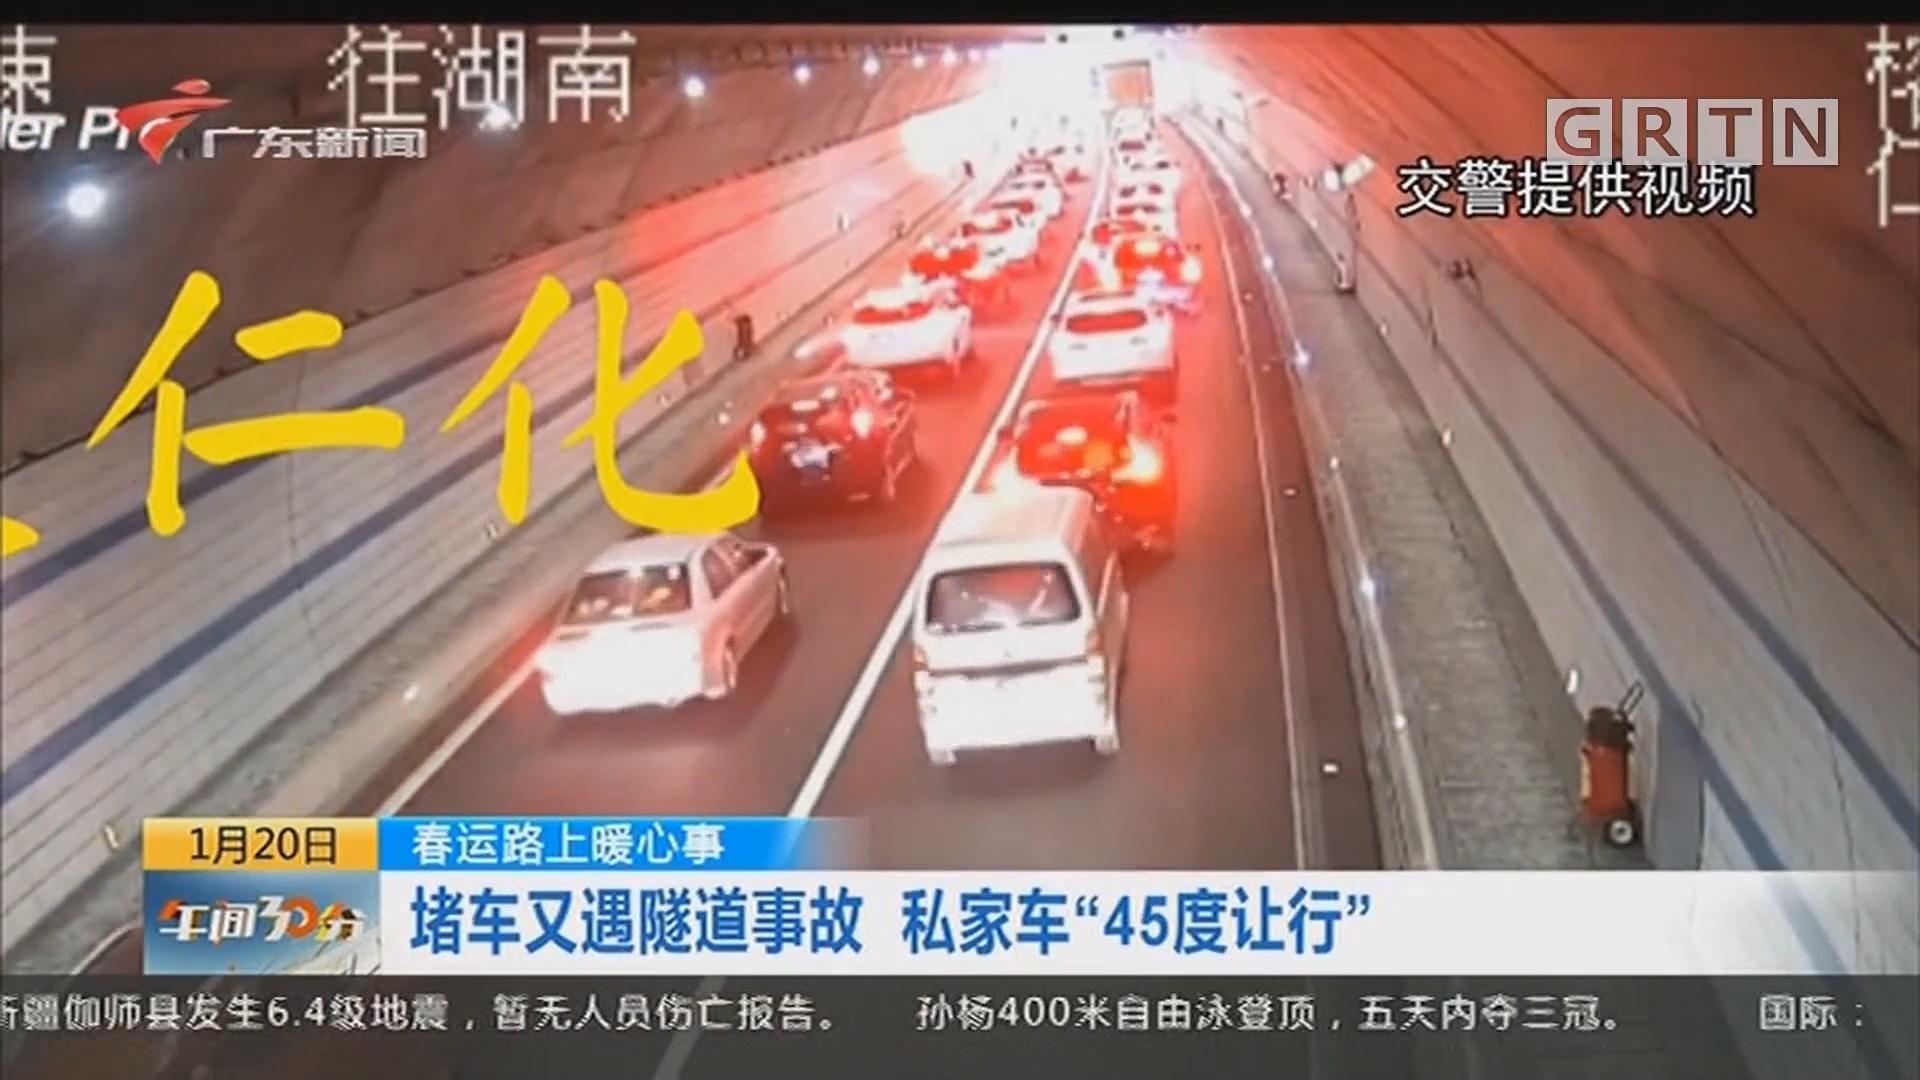 """春运路上暖心事:堵车又遇隧道事故 私家车""""45度让行"""""""